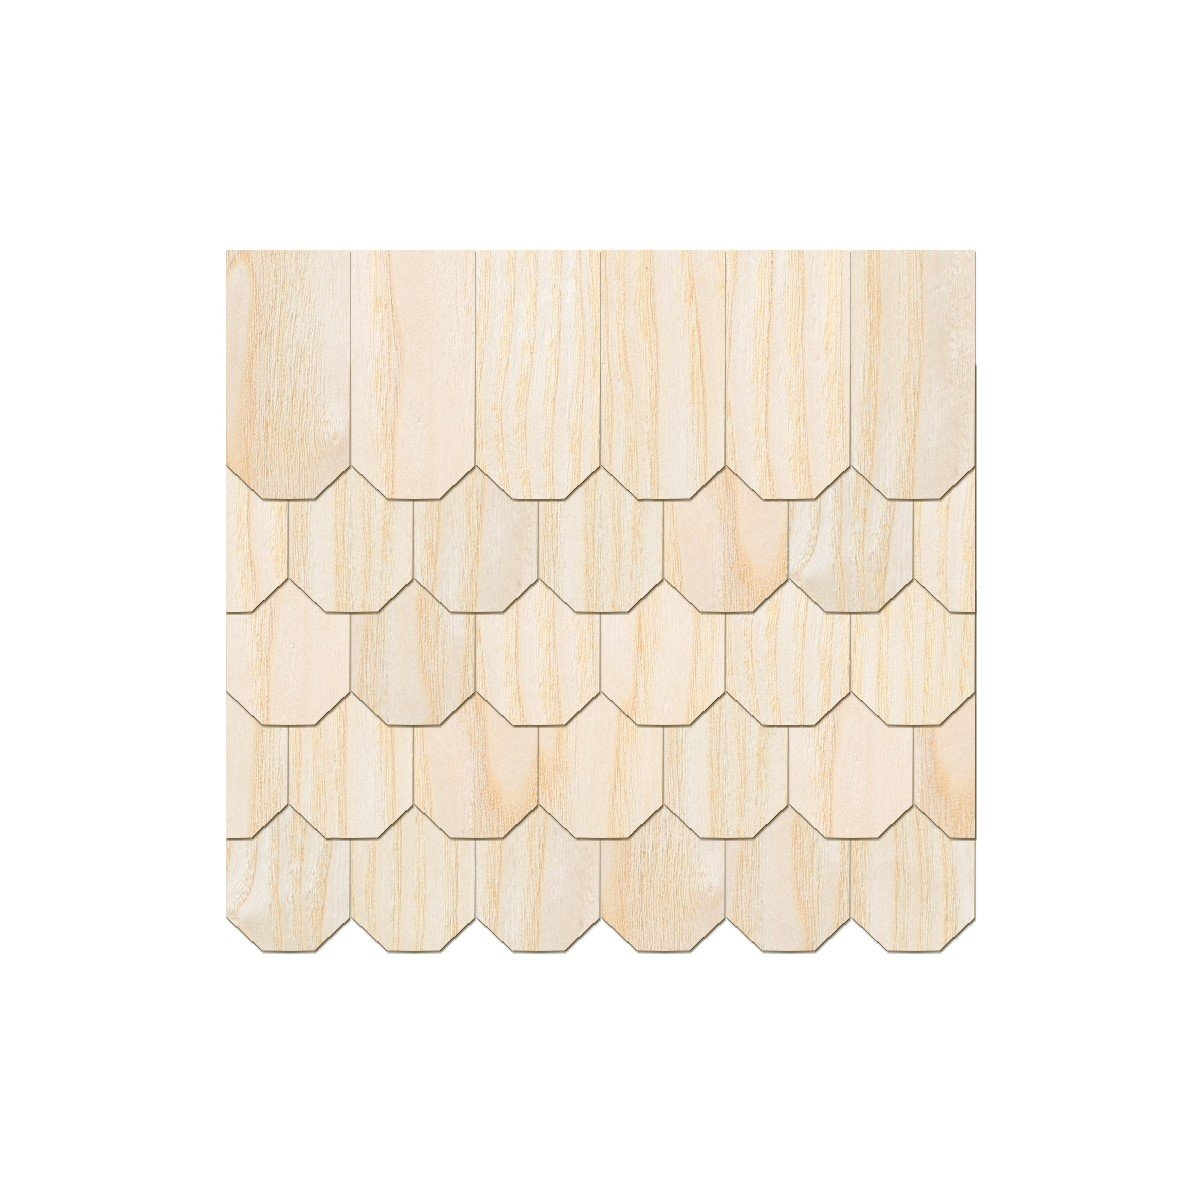 und Mengenauswahl Größen Echtholz Furnier helle Schindeln Rechteckform